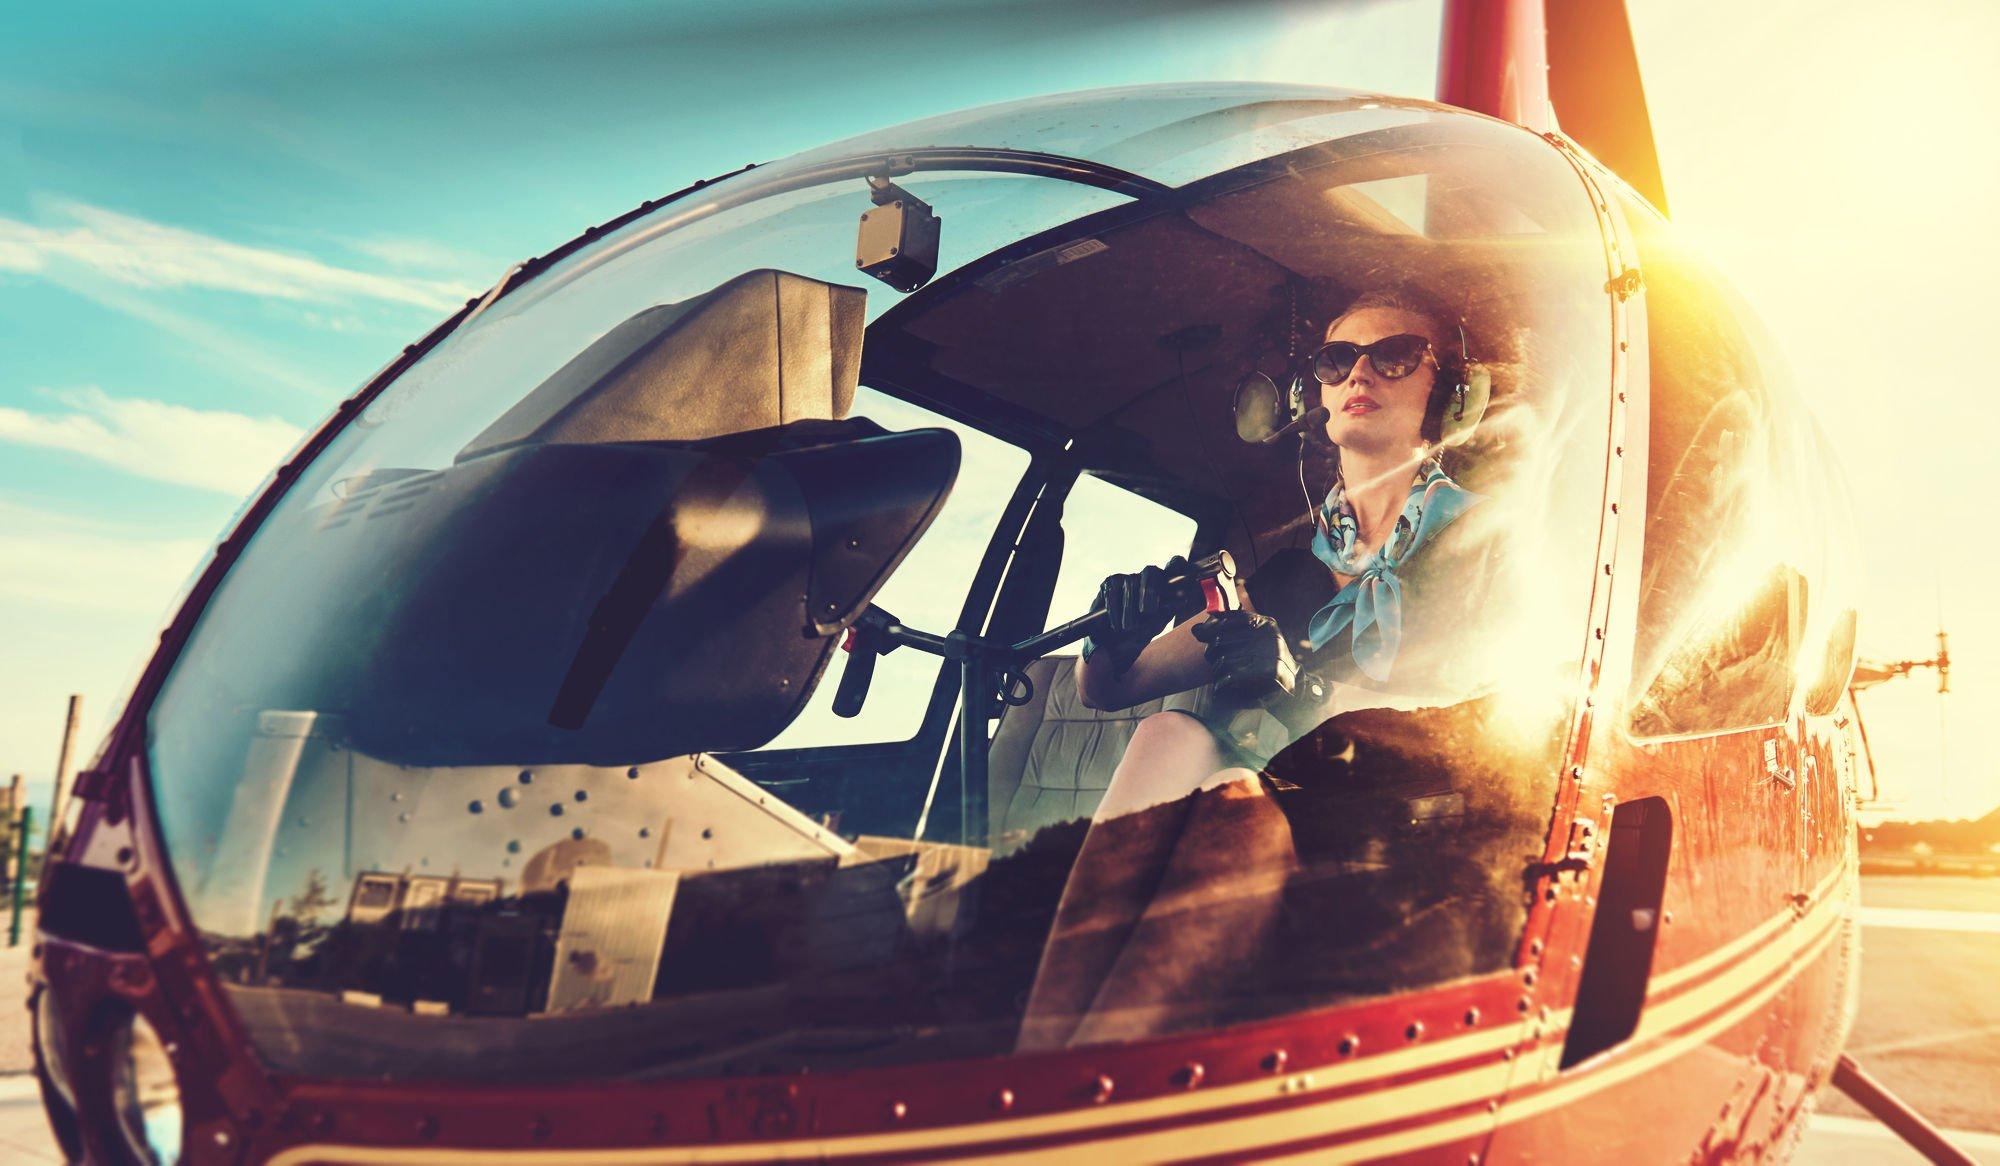 ヘリに乗る女性